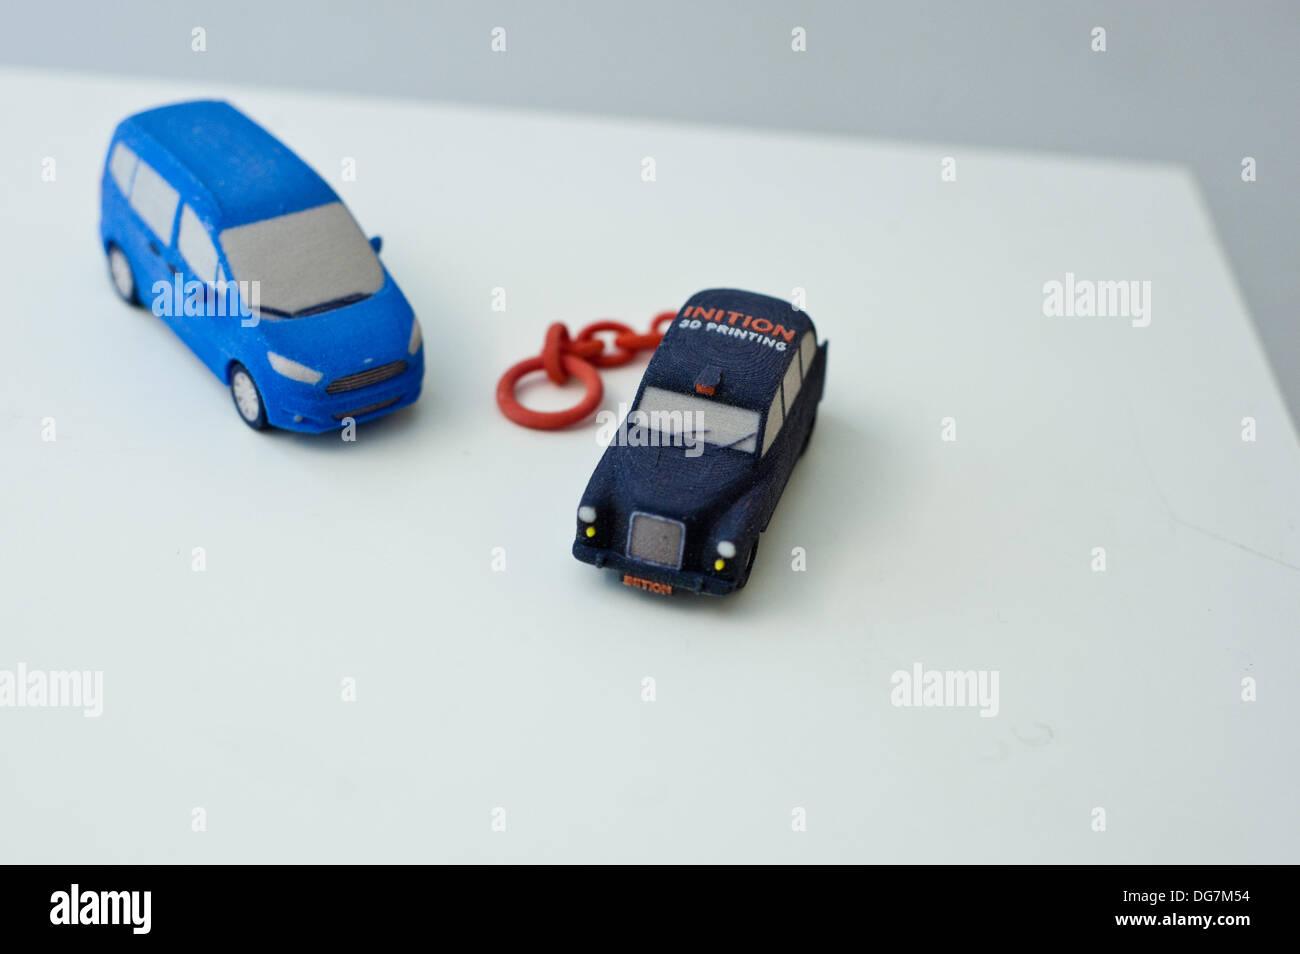 3d Printing Car Stock Photos & 3d Printing Car Stock Images - Alamy